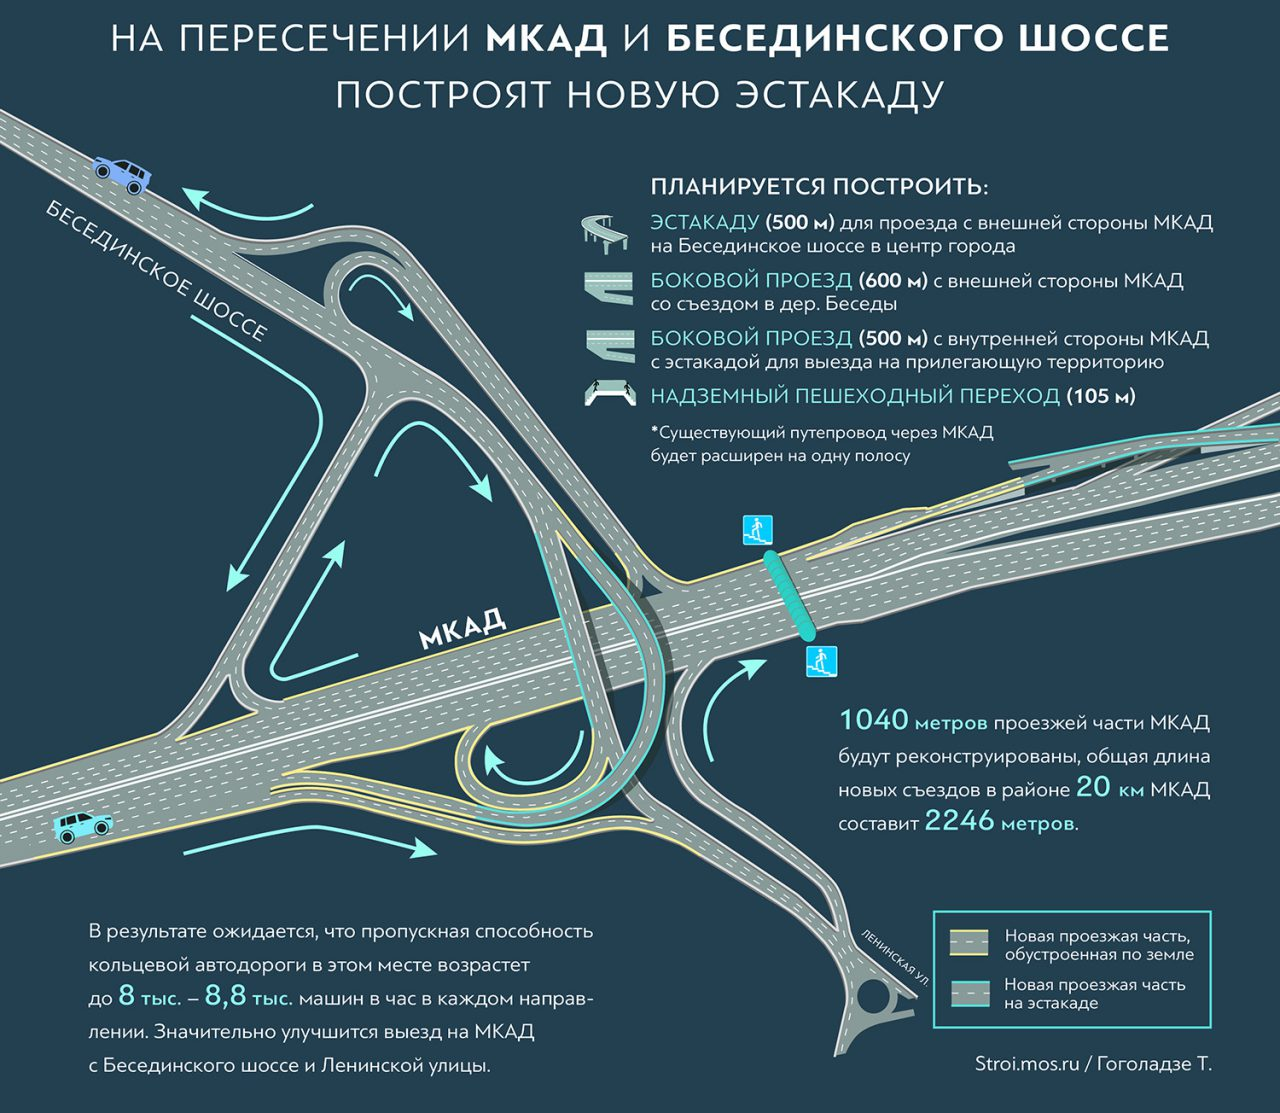 Развязку МКАД — Бесединское шоссе реконструируют